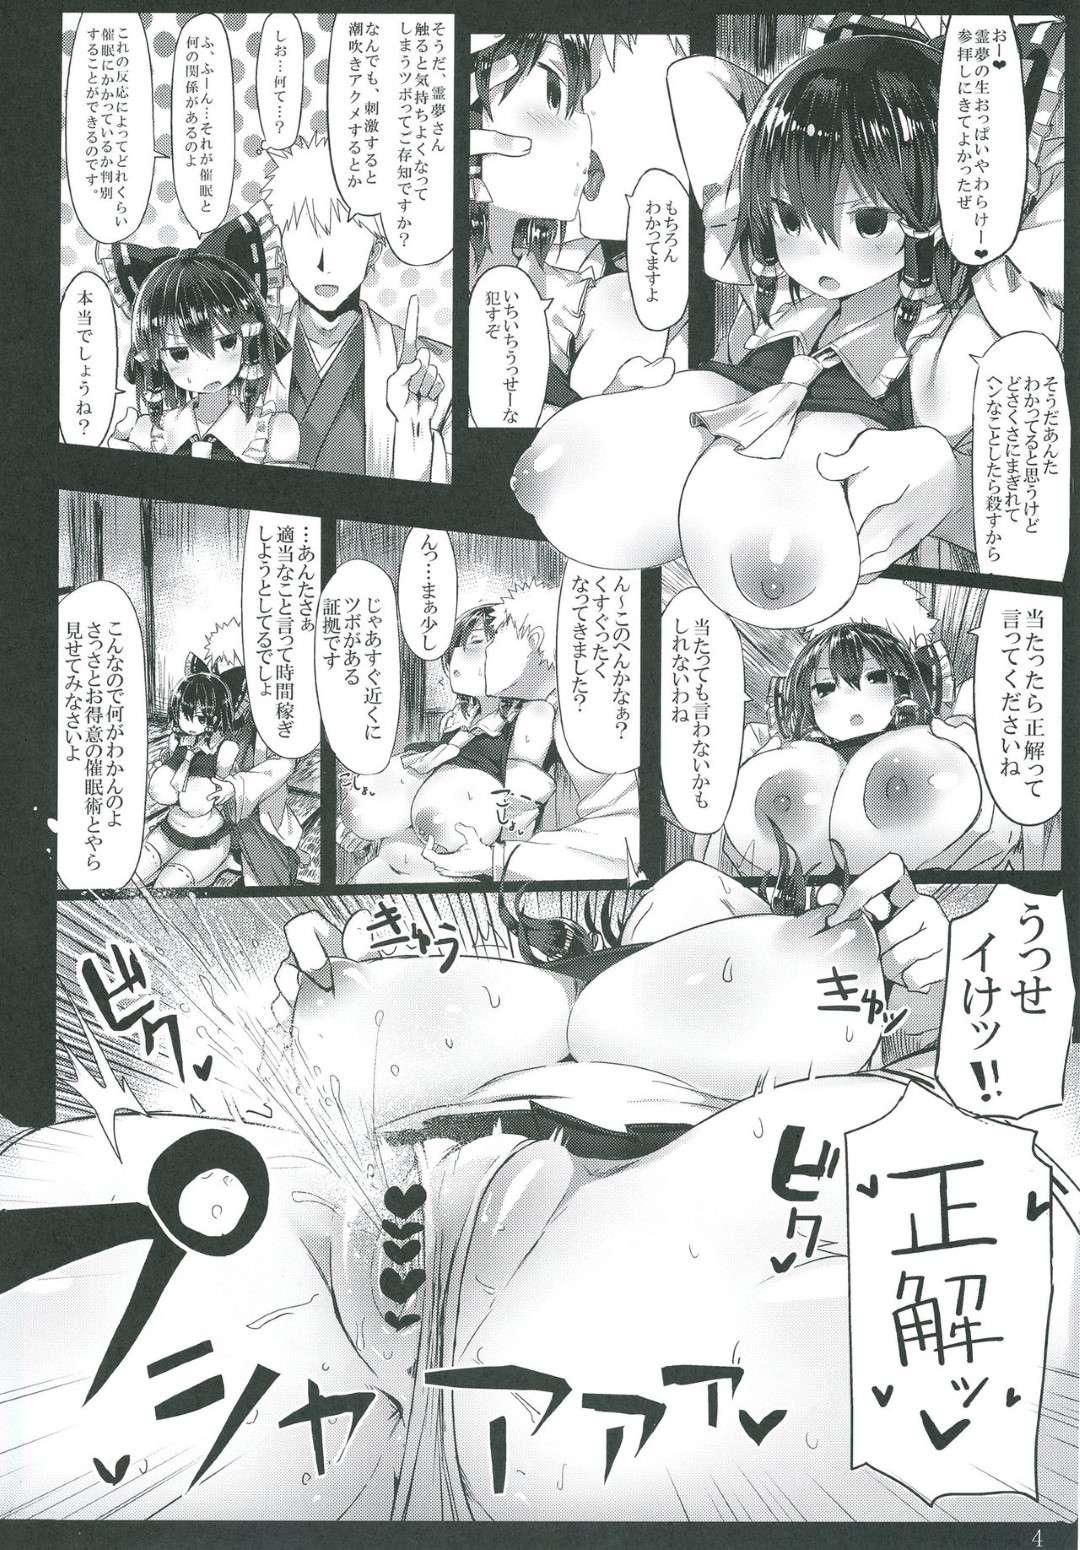 【東方Projectエロ漫画】催眠術師を名乗るモブを馬鹿にした霊夢は、催眠術にかけられると恋人化し中出しセックスで犯されまくる【ぐれーともす】